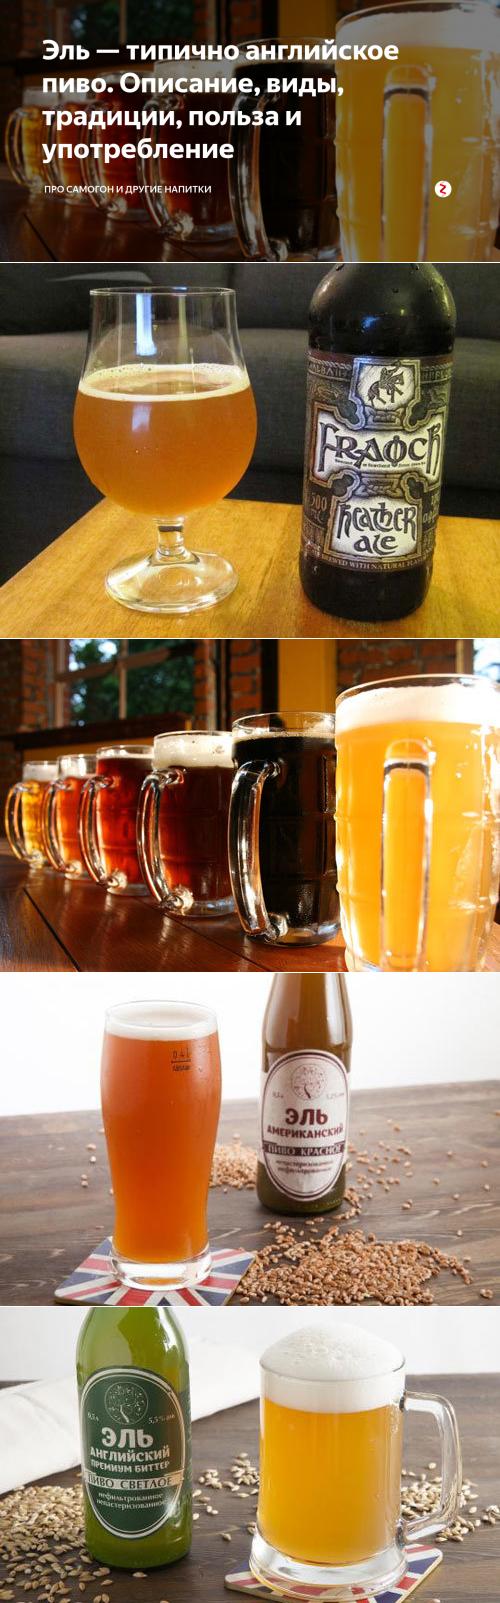 Чем отличается эль от пива + описание 11 сортов эля